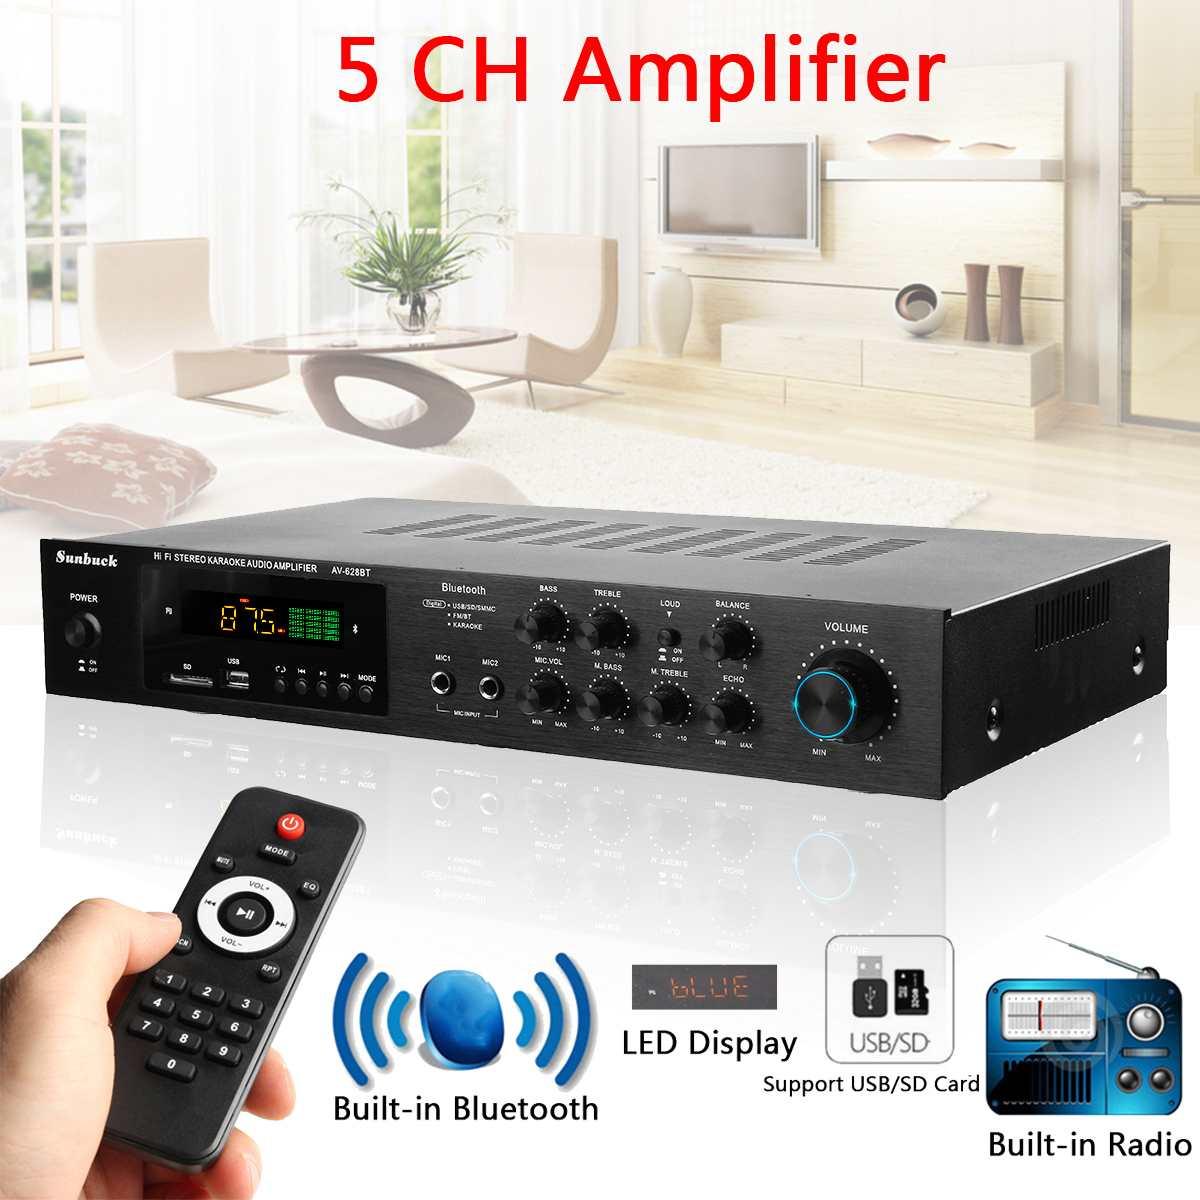 Sans fil Version USB/SD amplificateur audio 1120 W 5CH bluetooth Amplificateur De Puissance Stéréo Surround Maison Karaoké Cinéma